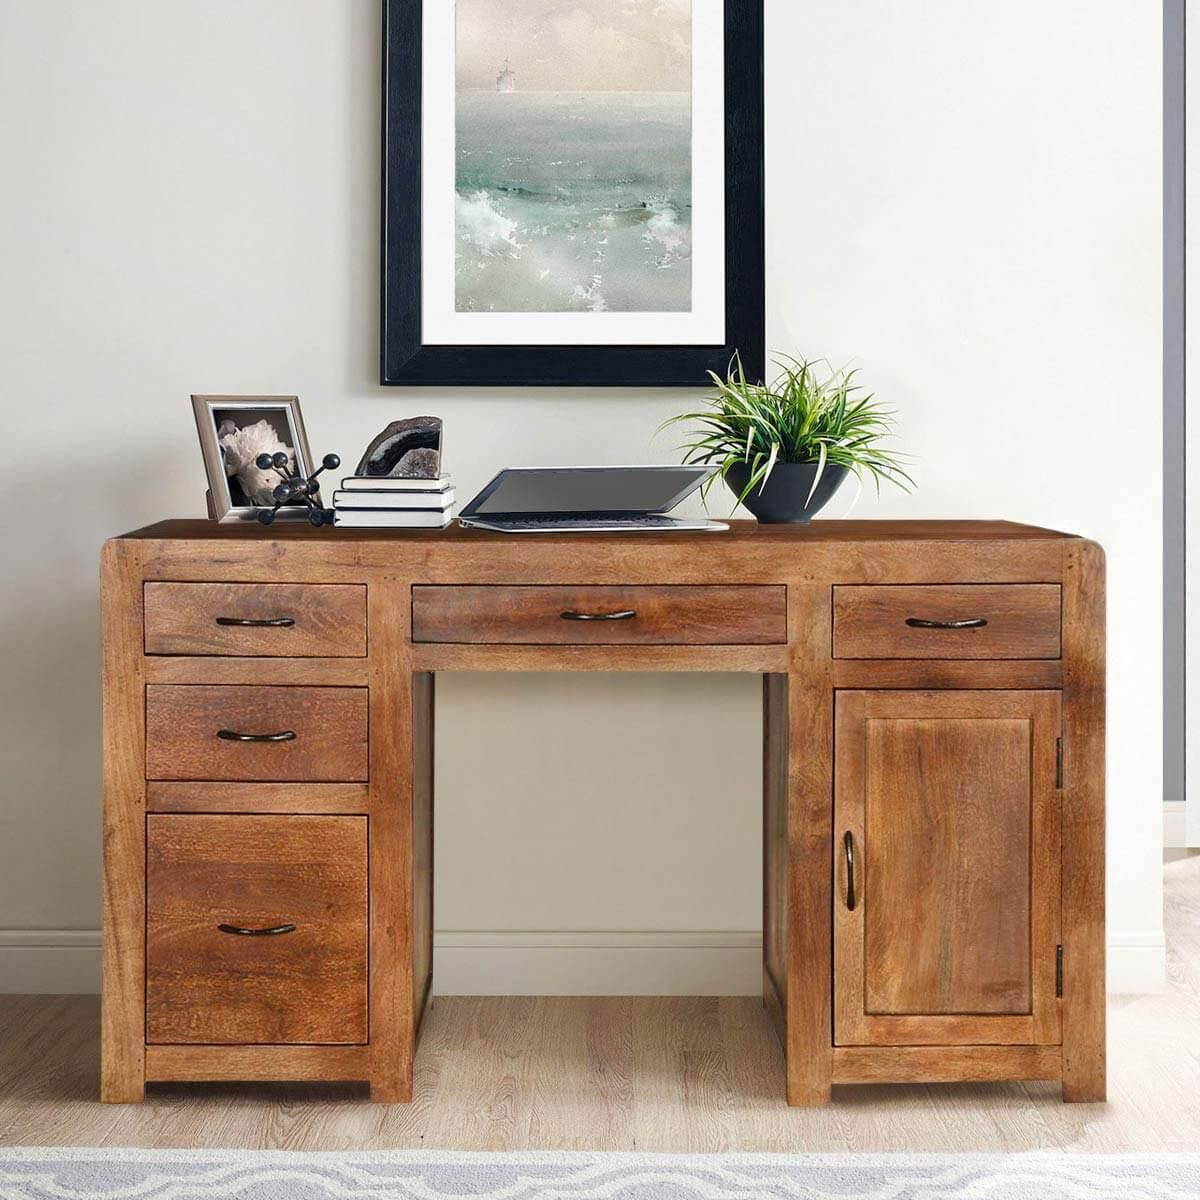 rustic solid mango wood desks with file cabinets. Black Bedroom Furniture Sets. Home Design Ideas